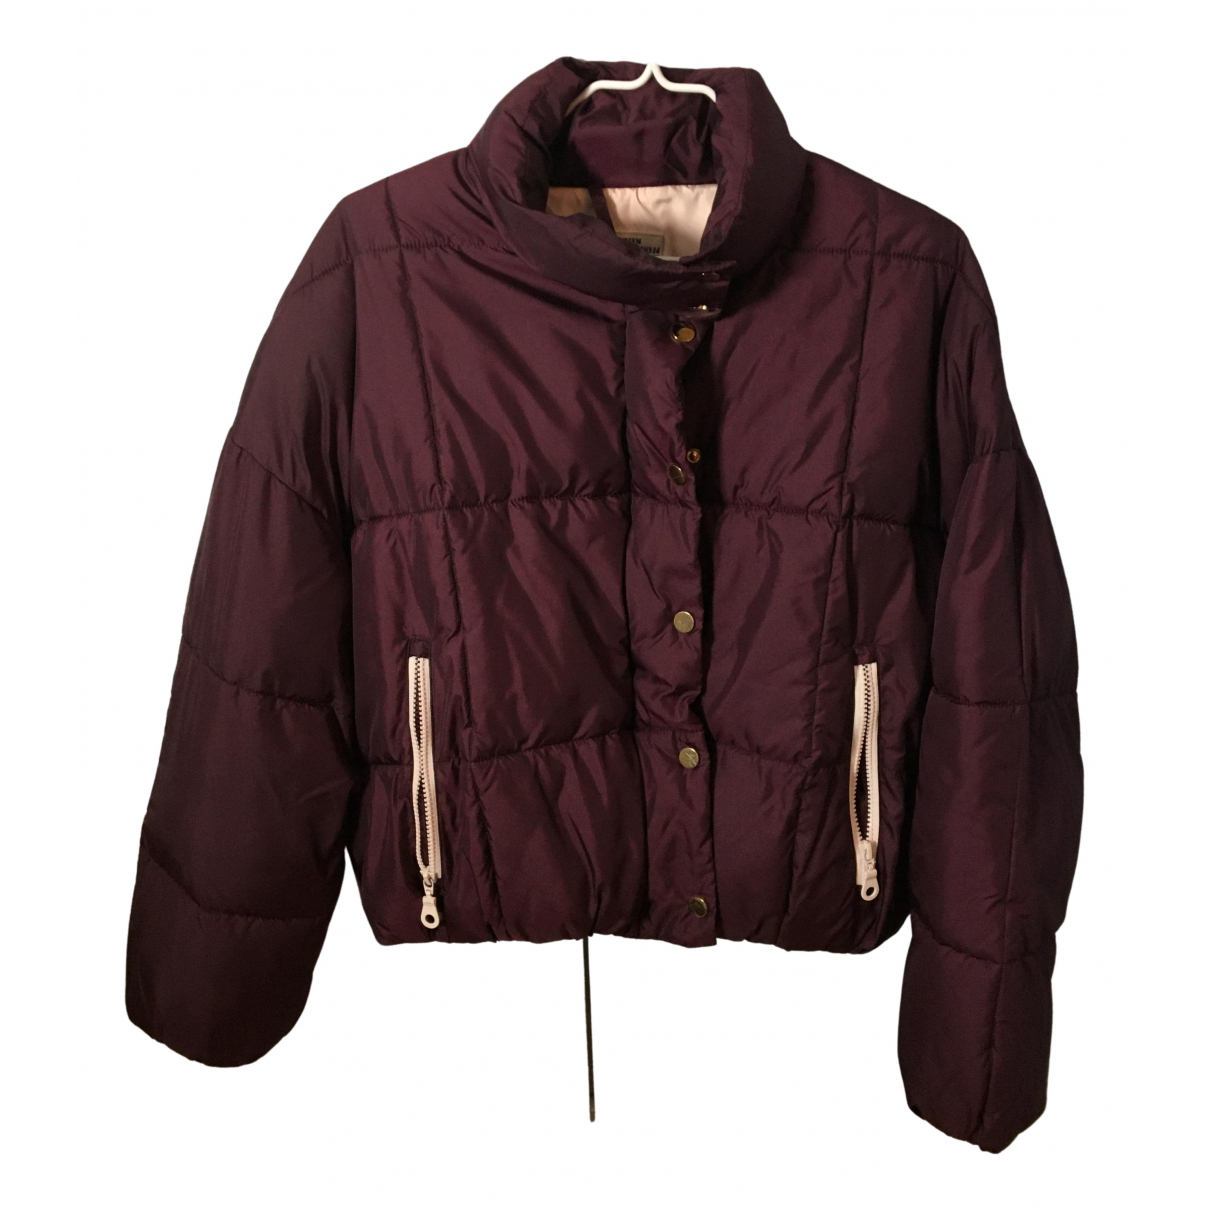 Baum Und Pferdgarten \N Burgundy coat for Women S International